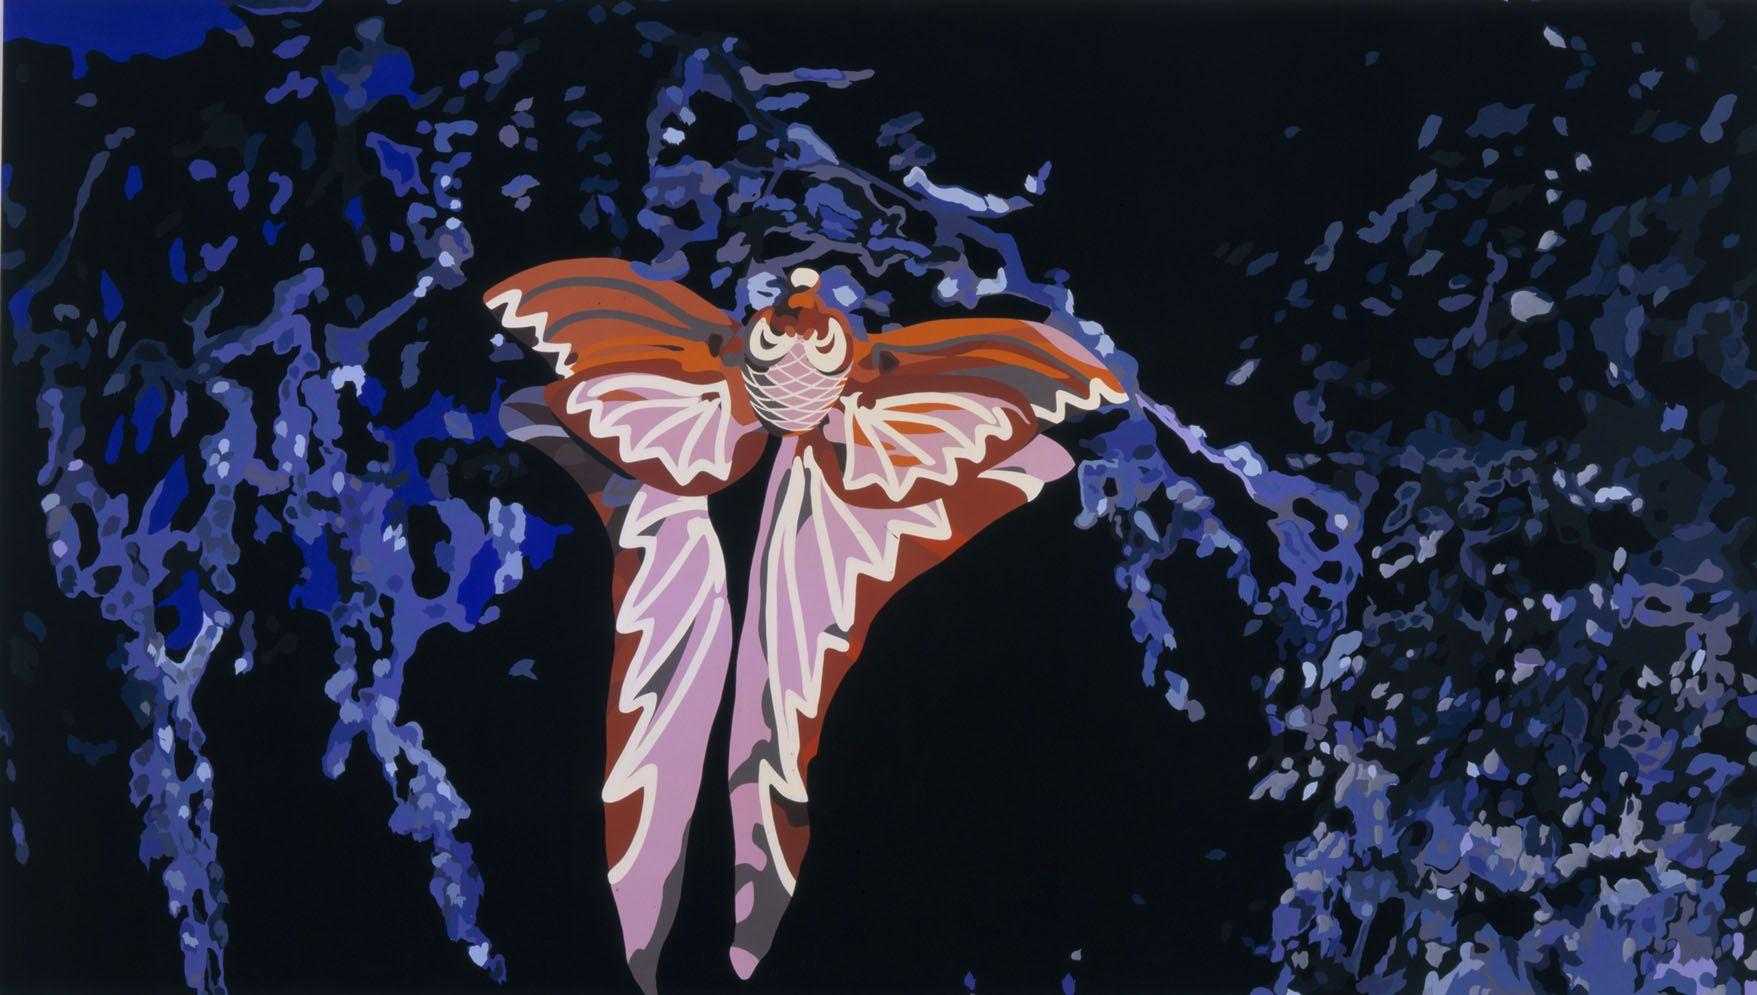 Butterfly by Francesca Gabbiani